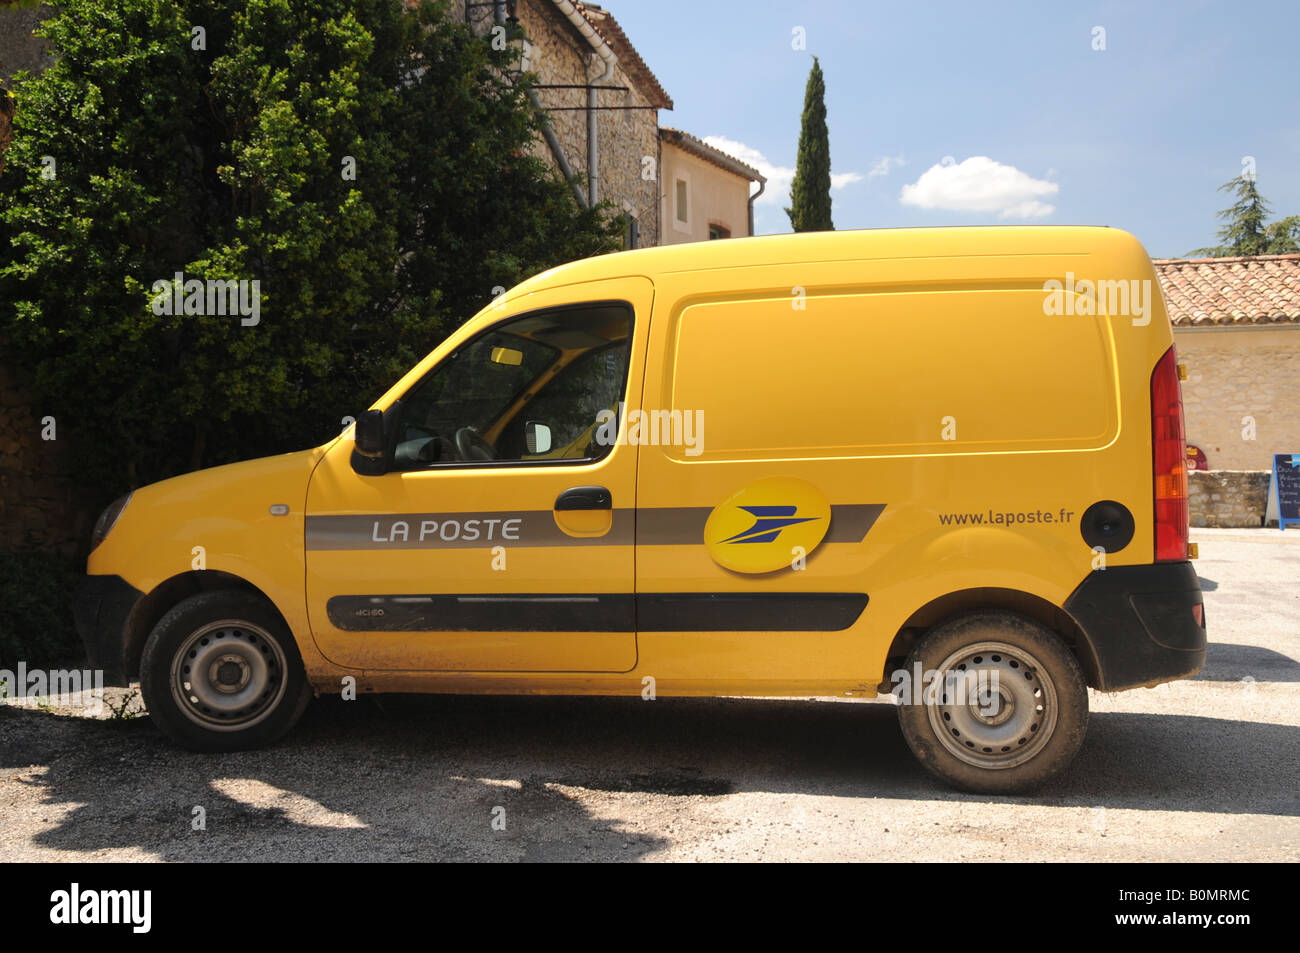 la poste jaune camion de livraison une partie du service postal fran ais banque d 39 images photo. Black Bedroom Furniture Sets. Home Design Ideas